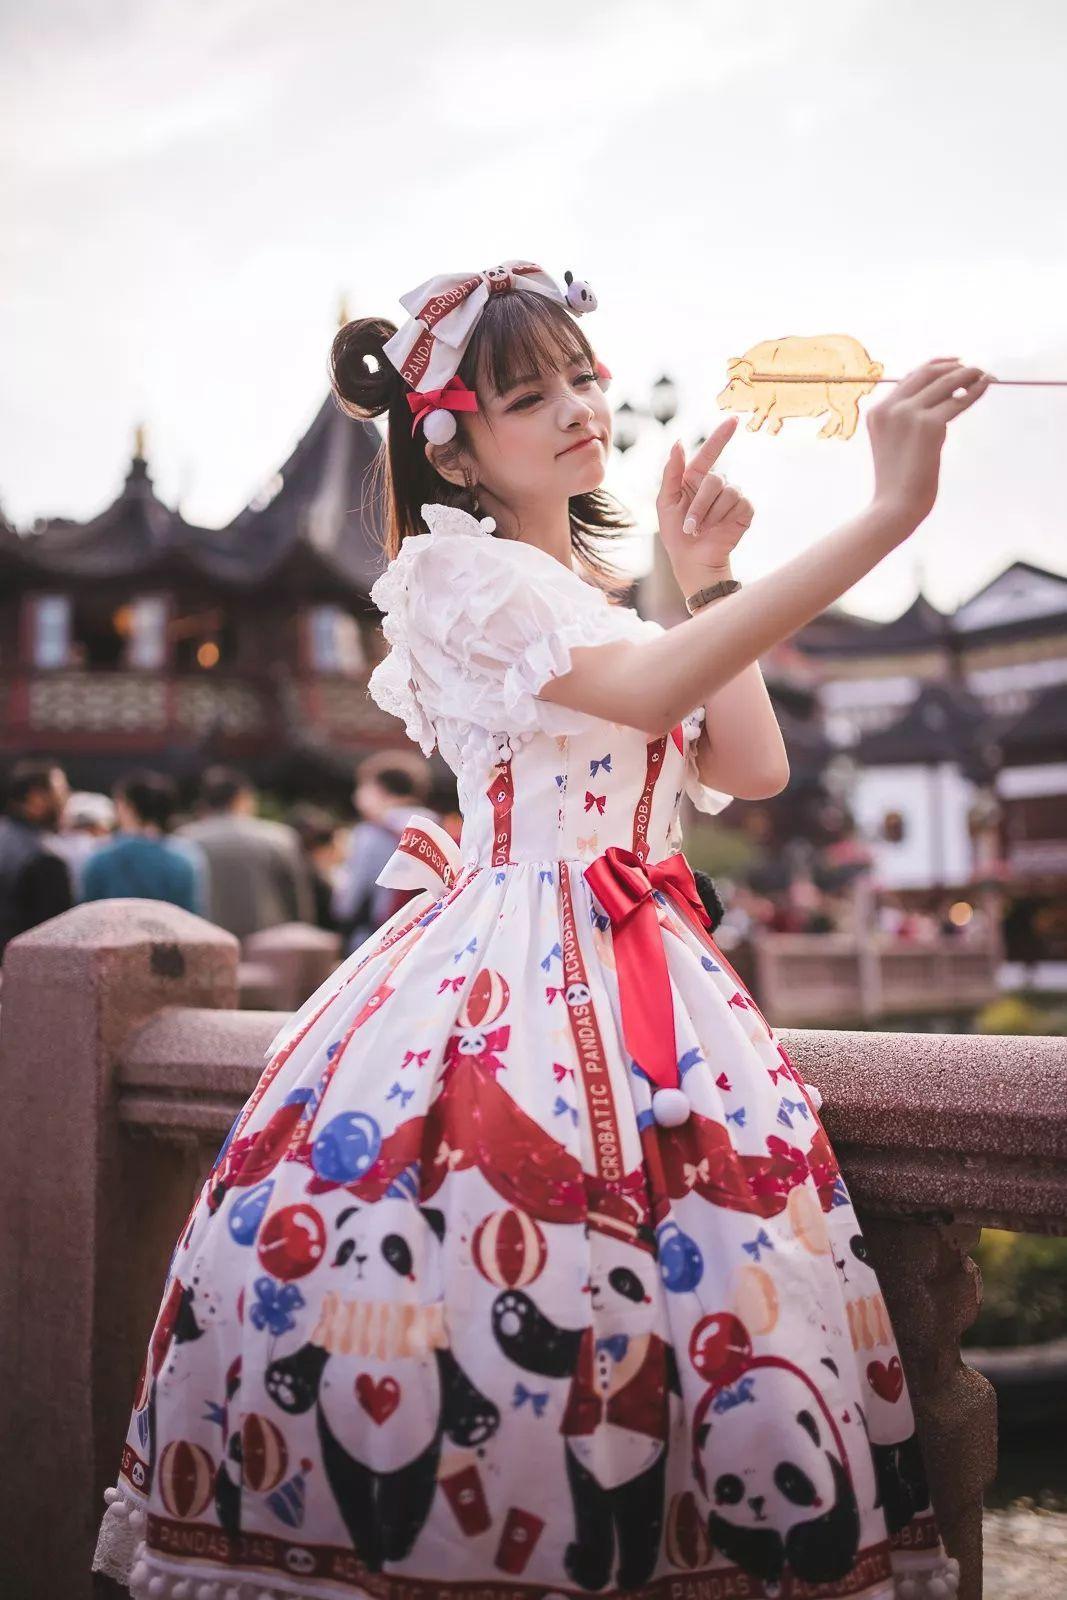 妹子摄影 – 鬼马精灵Lolita女孩@-谢安然-外出旅拍_图片 No.12